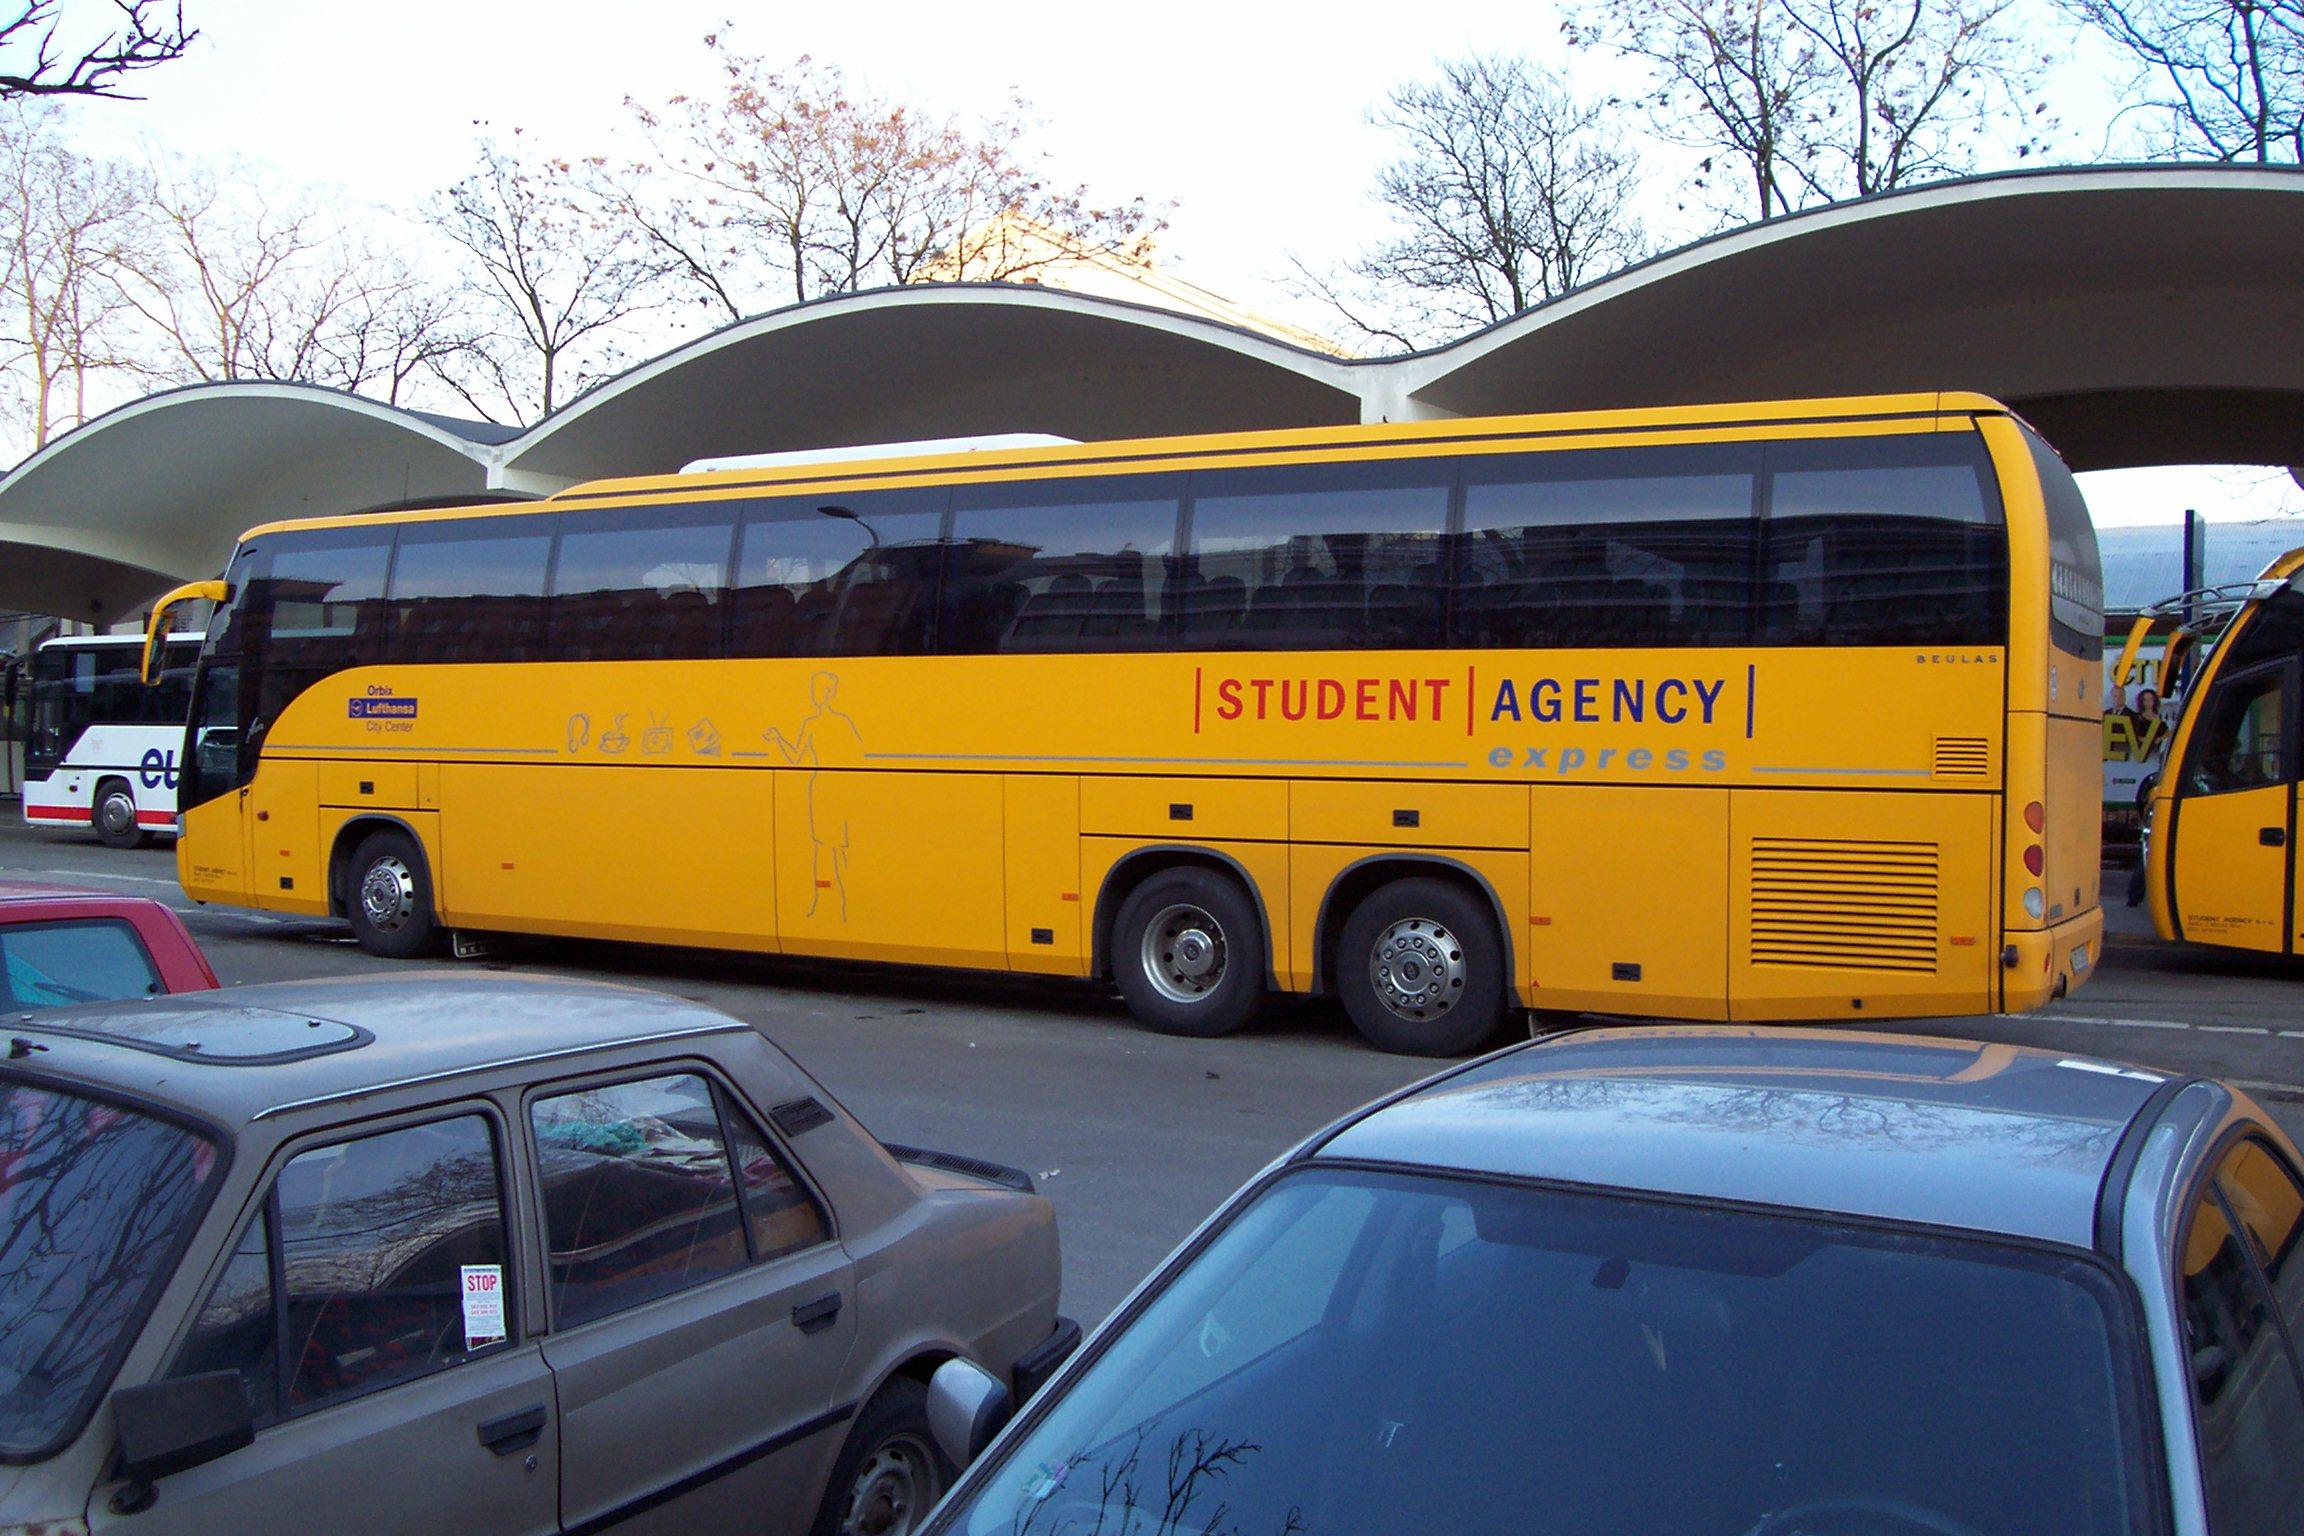 Student agency letenky